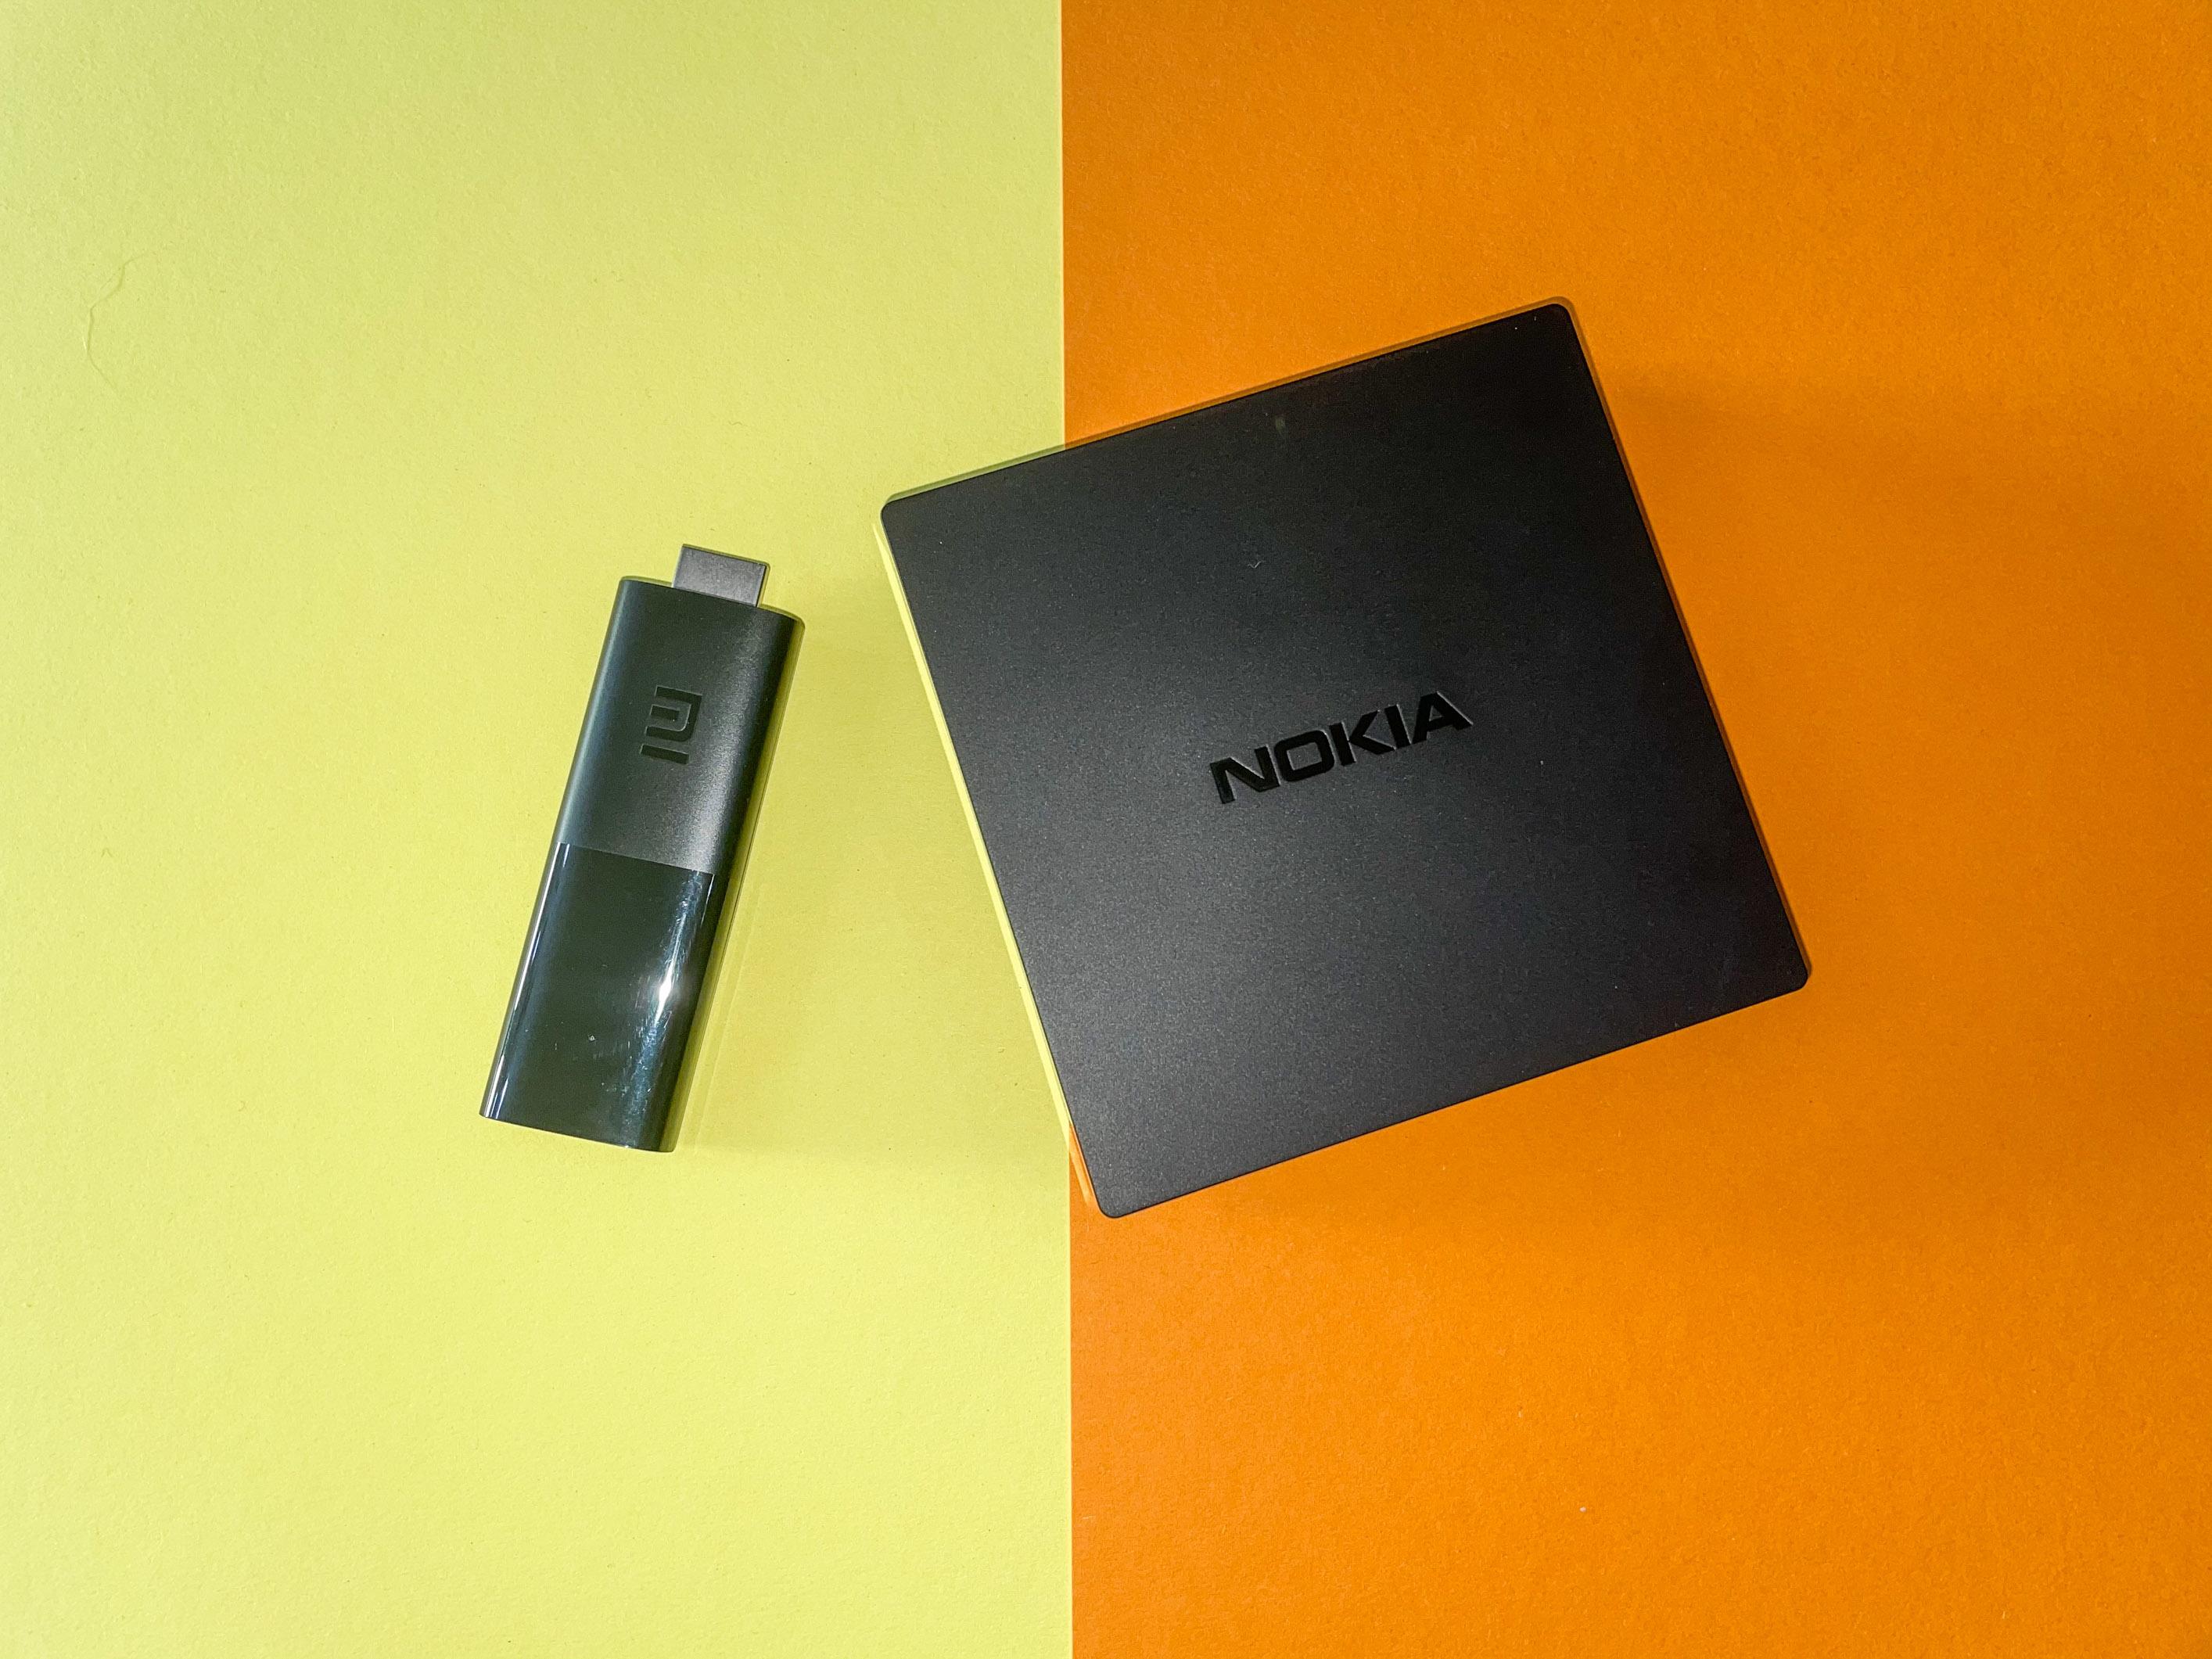 Android-TV-Geräte im Vergleichstest: Nokia-Box begeistert, Xiaomi-Stick enttäuscht - Links der Mi TV Stick von Xiaomi, daneben die Streaming Box 8000 von Nokia (Bild: Ingo Pakalski/Golem.de)